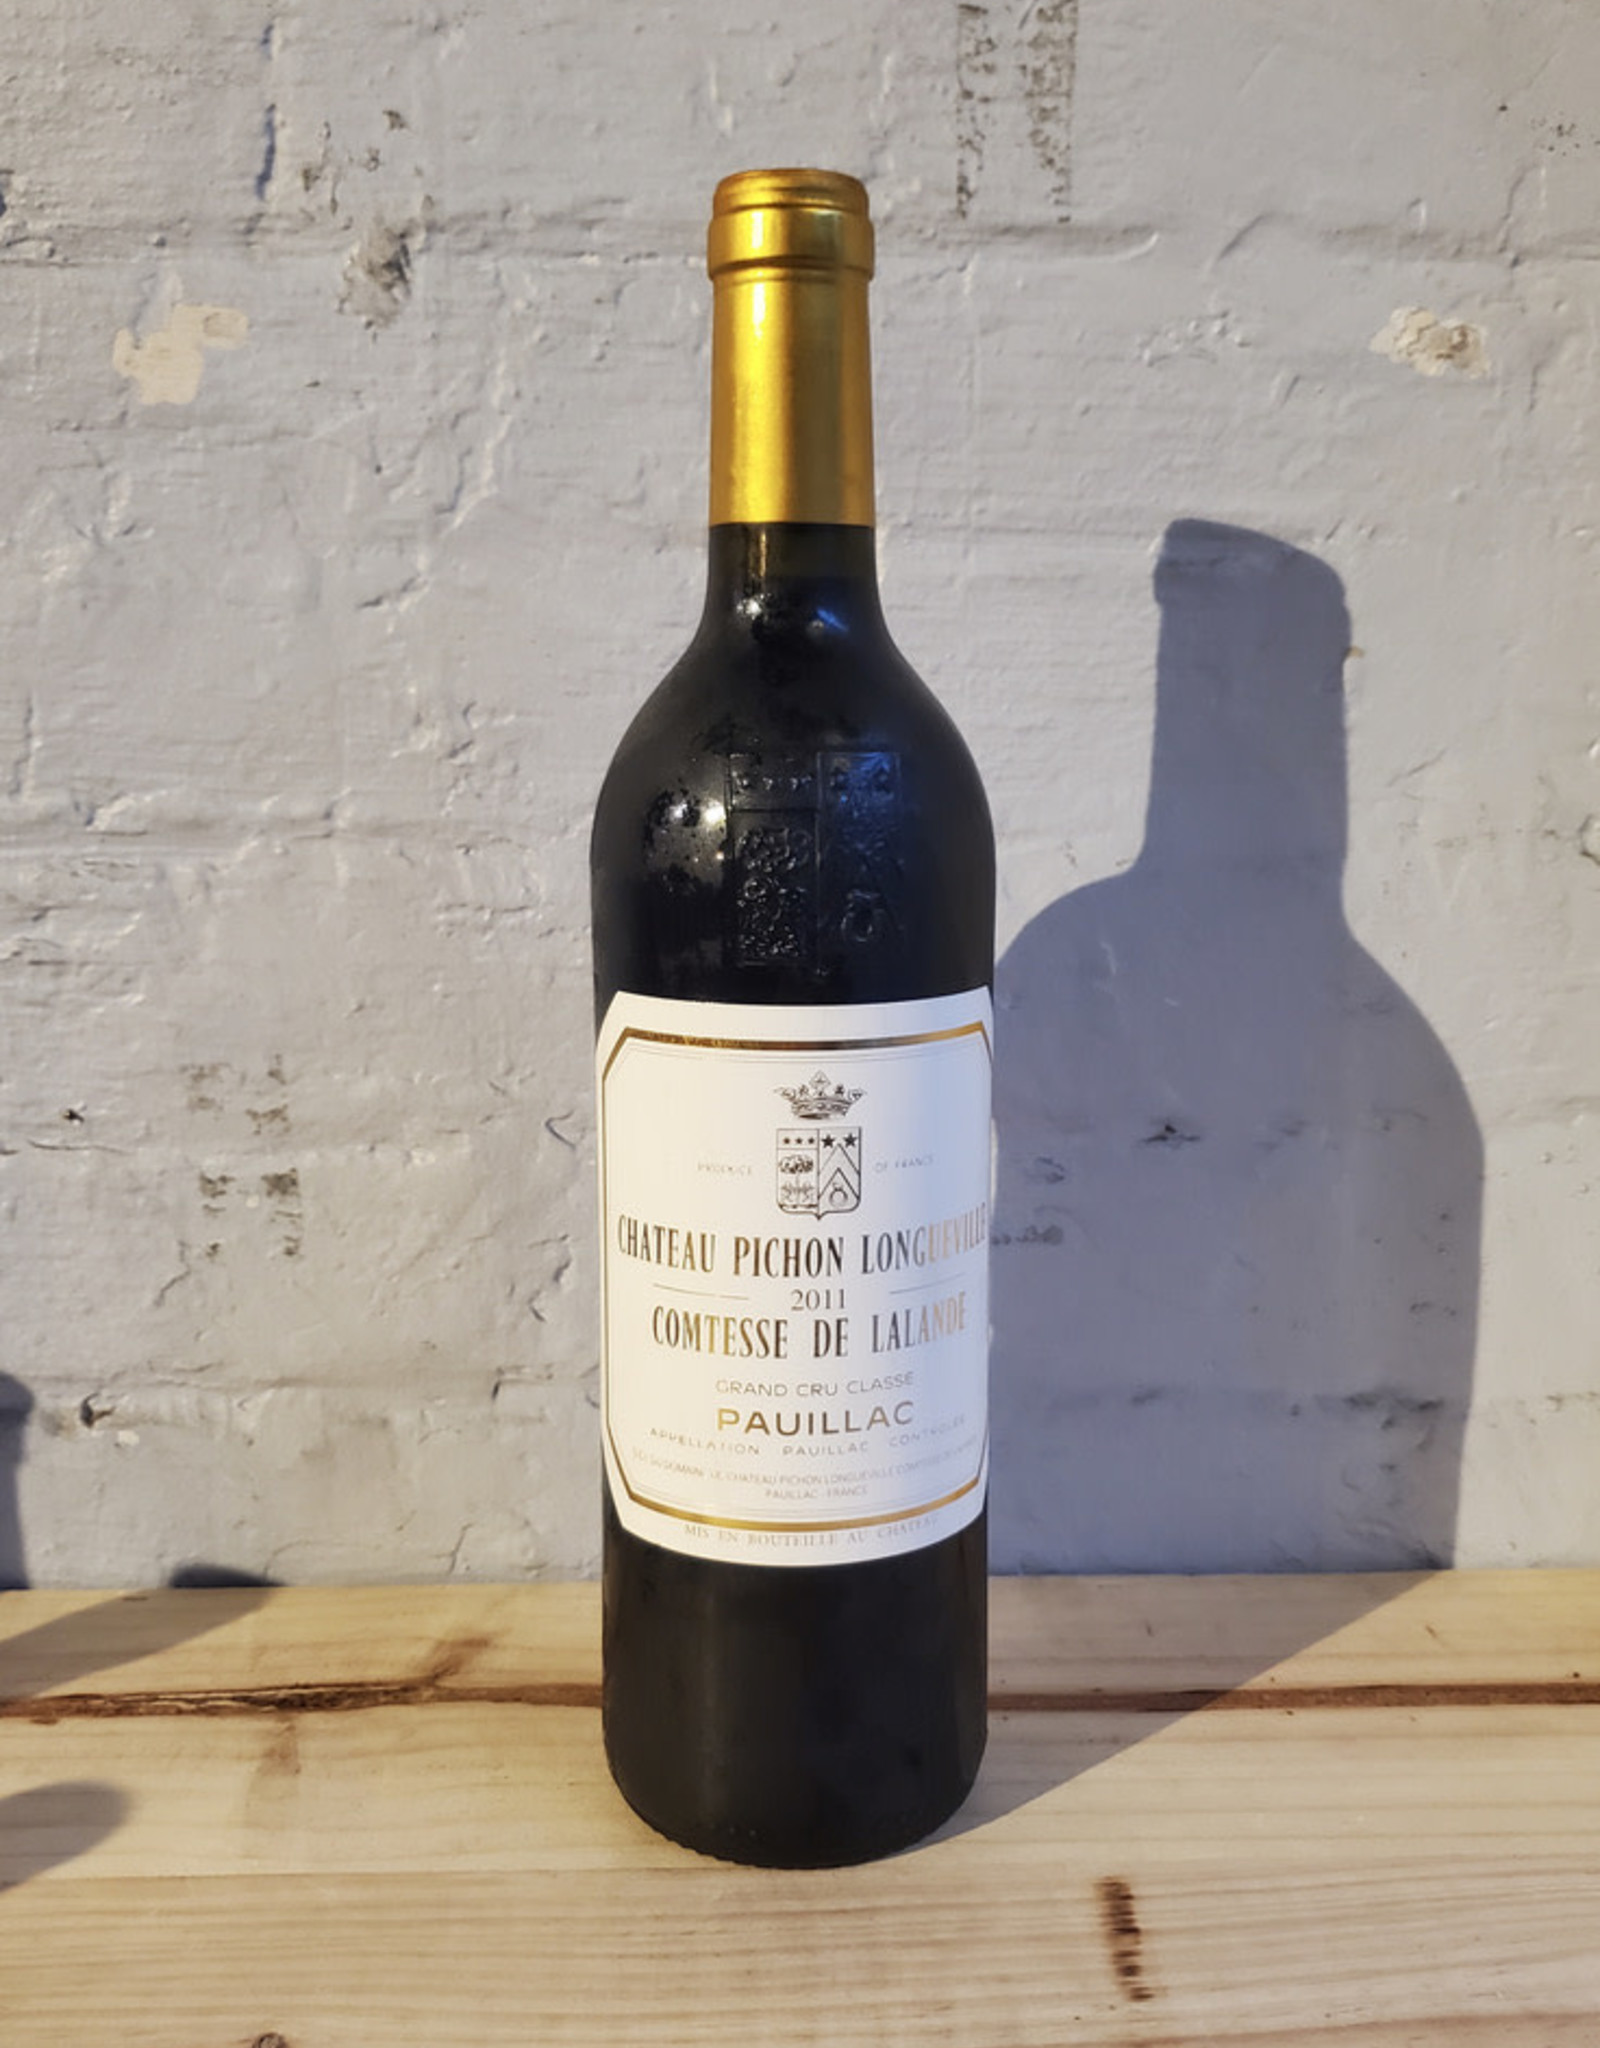 Wine 2011 Chateau Pichon Longueville Comtesse de Lalande -  Pauillac, Bordeaux, France (750ml)